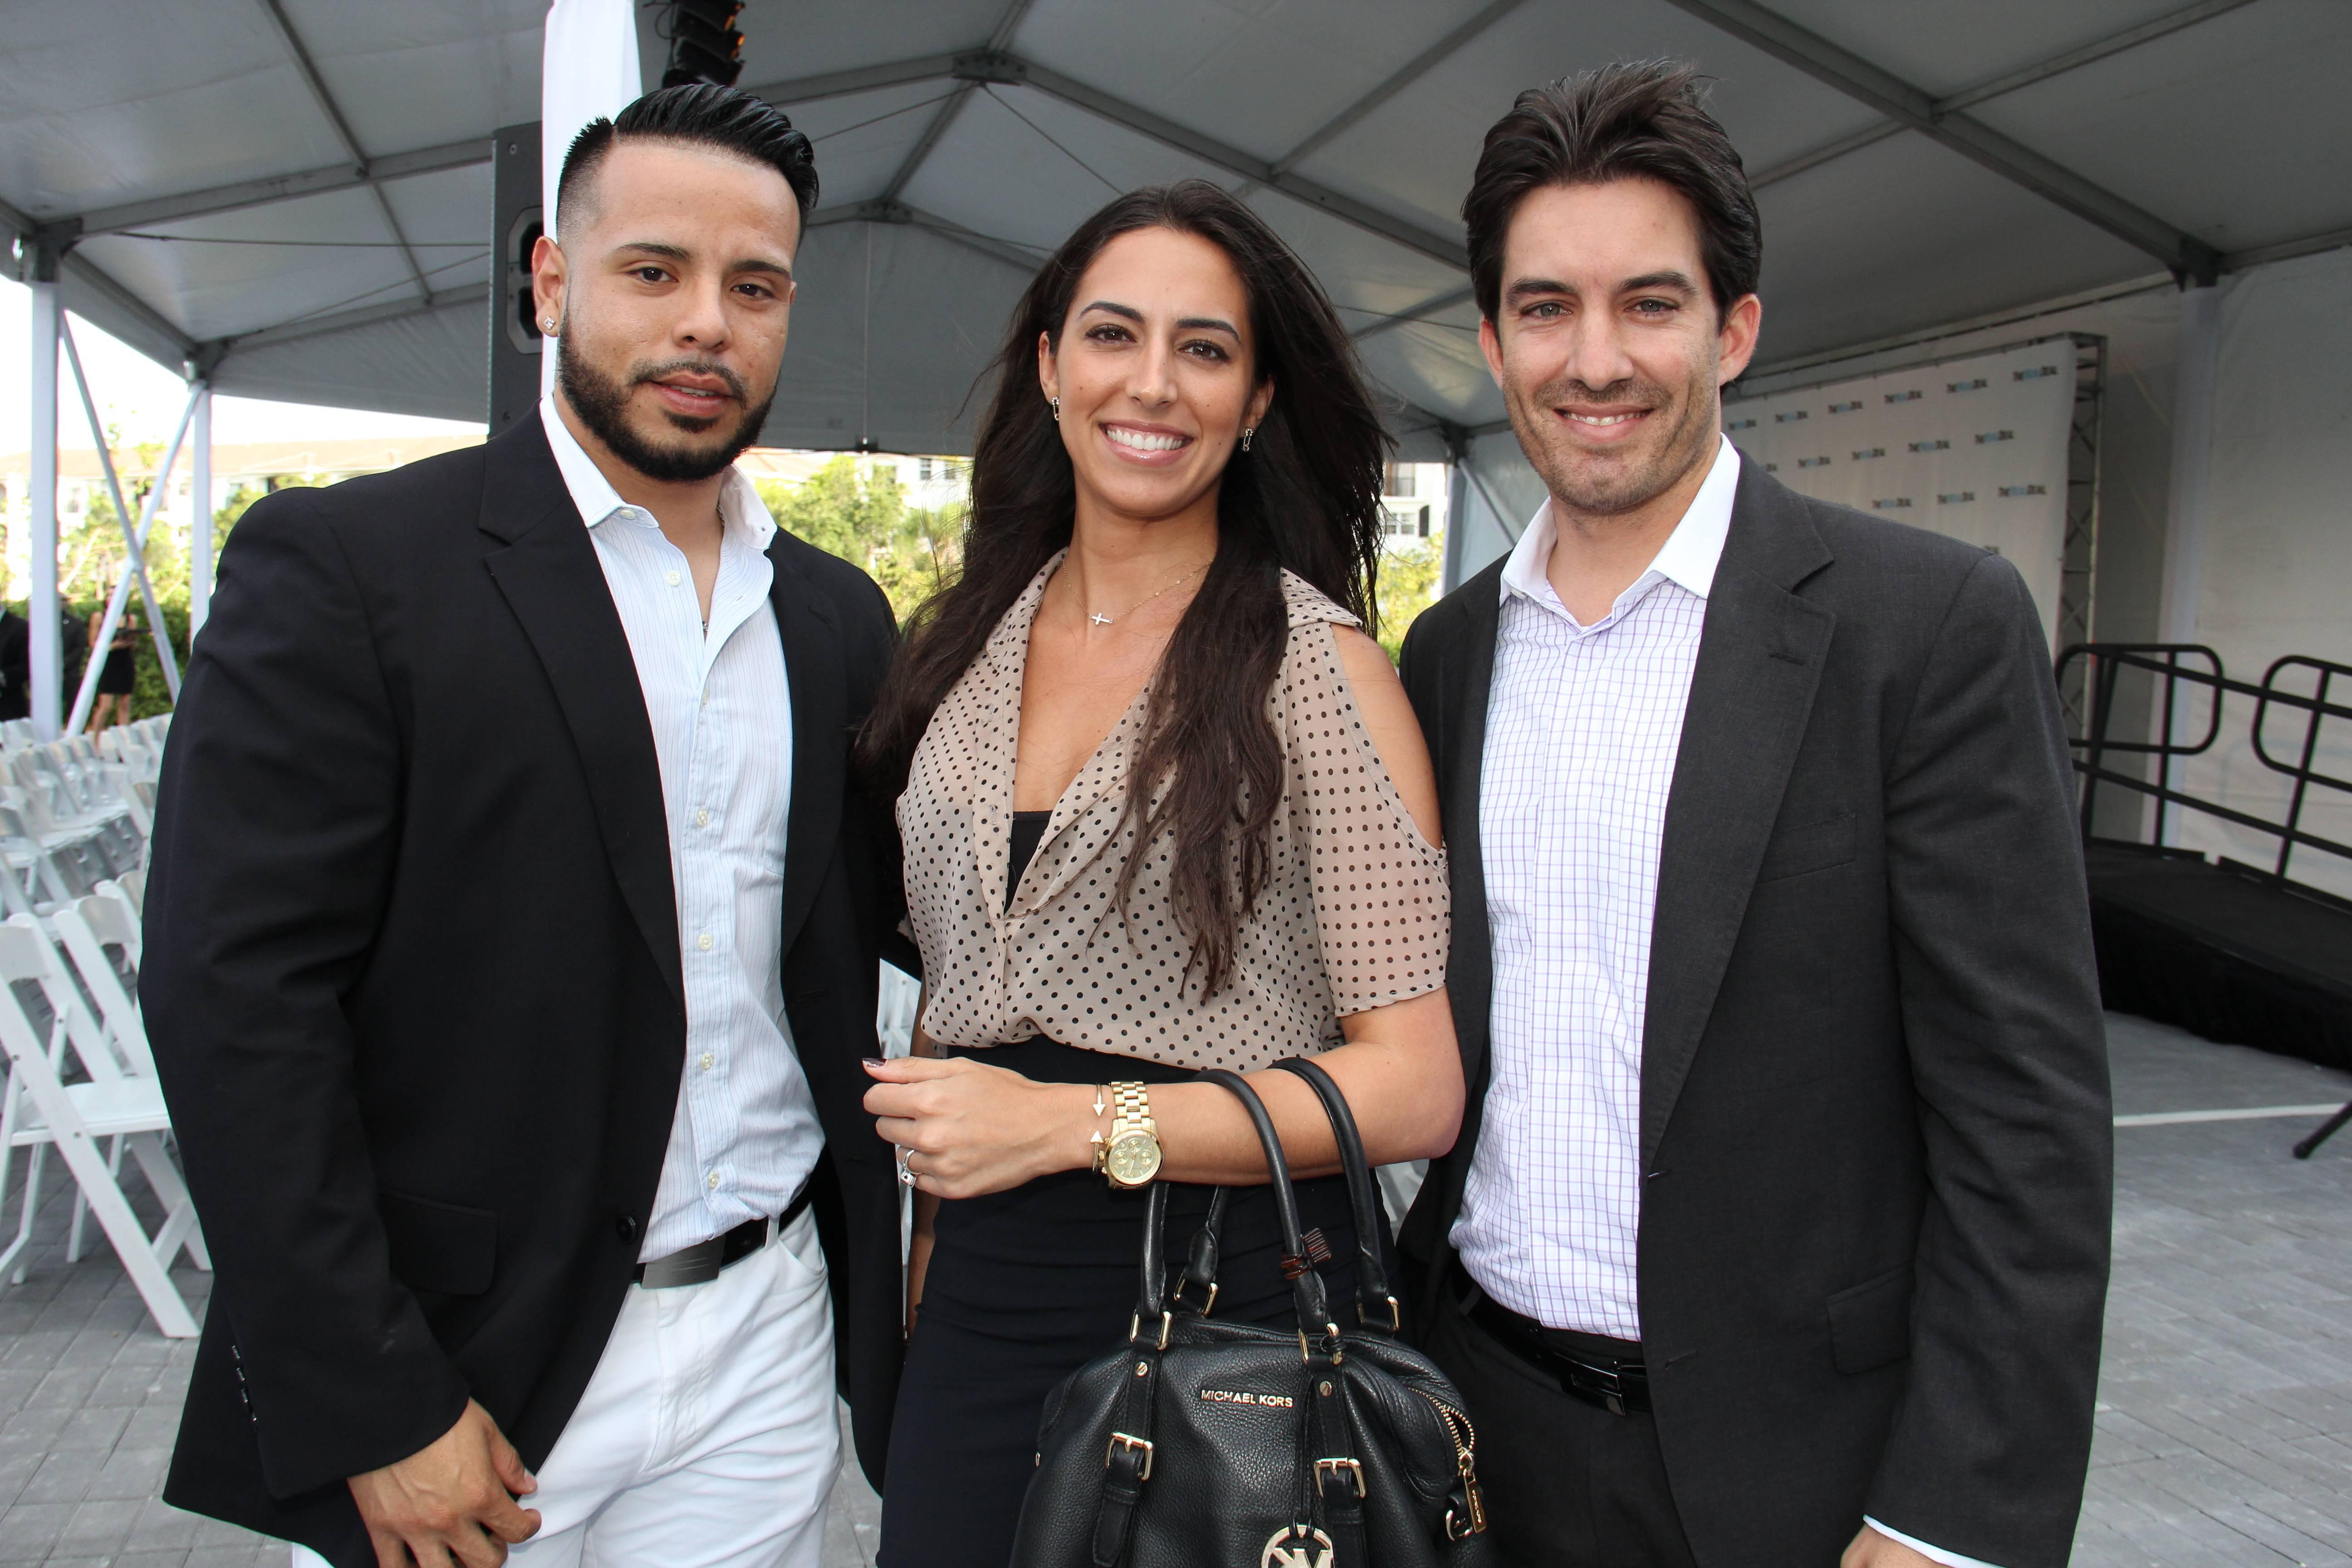 Lenny Guerreo, Ilene Pinero, Tony Rodriguez